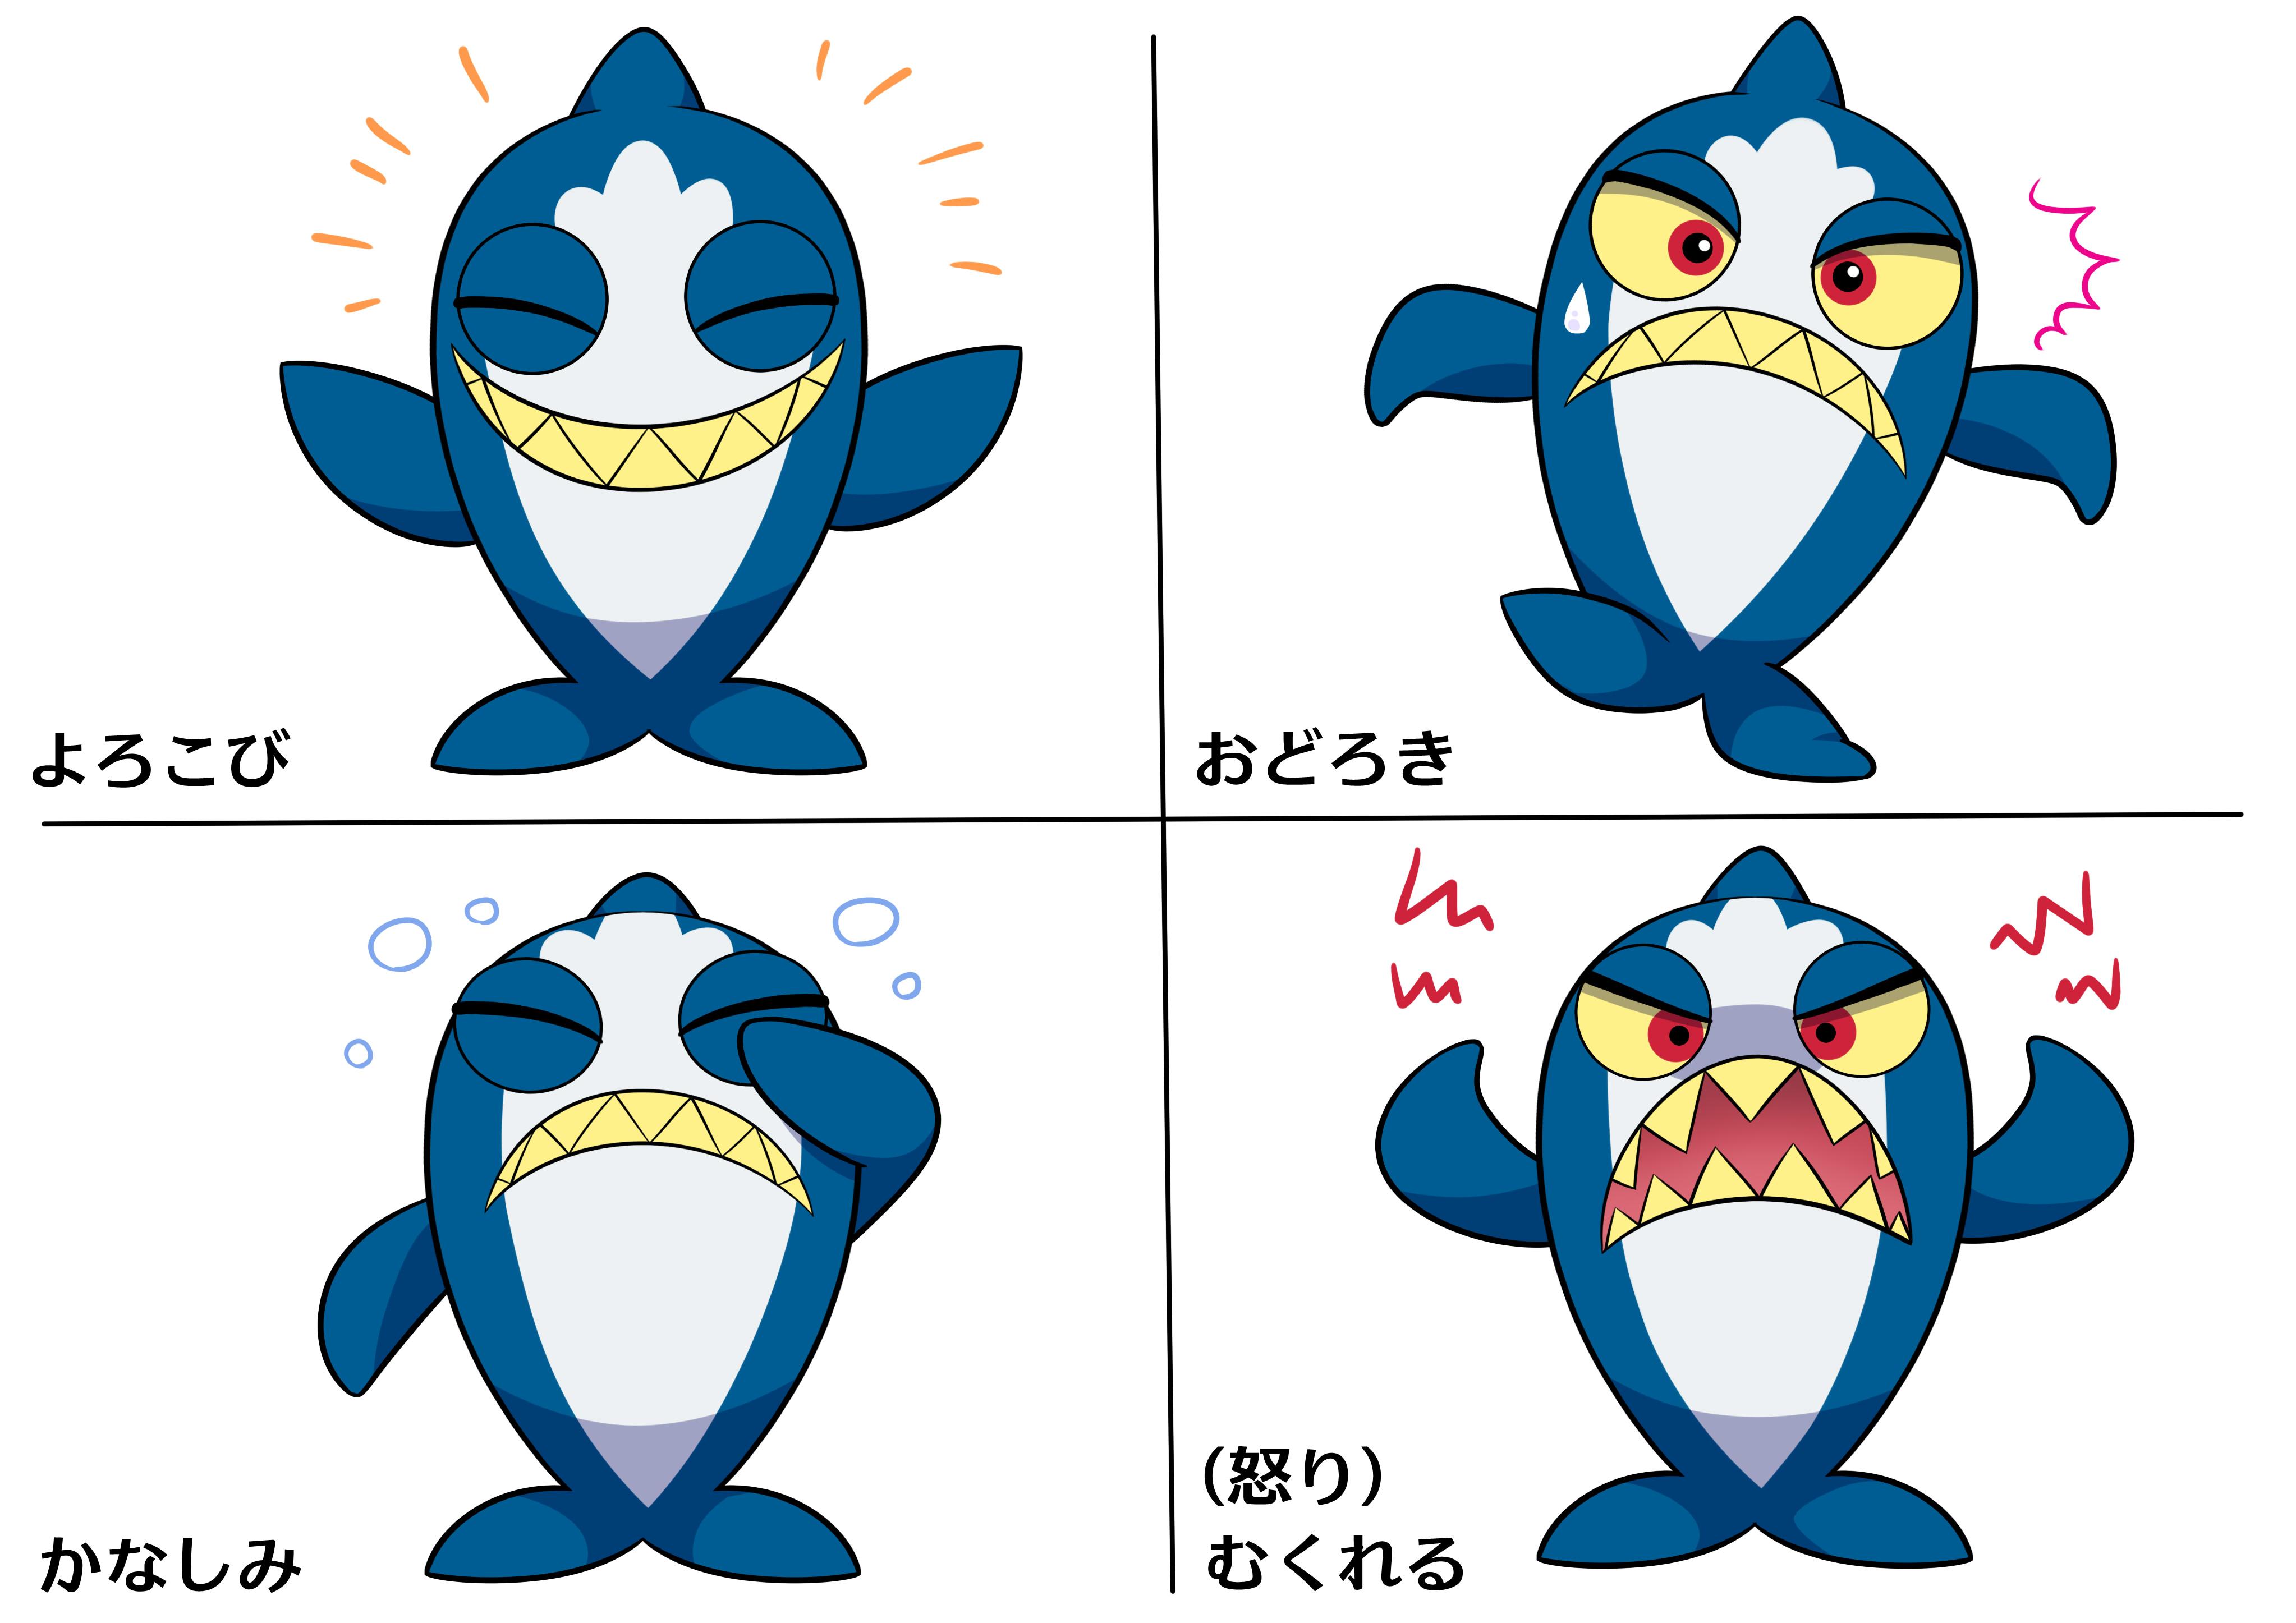 02_表情4種_サメ.jpg